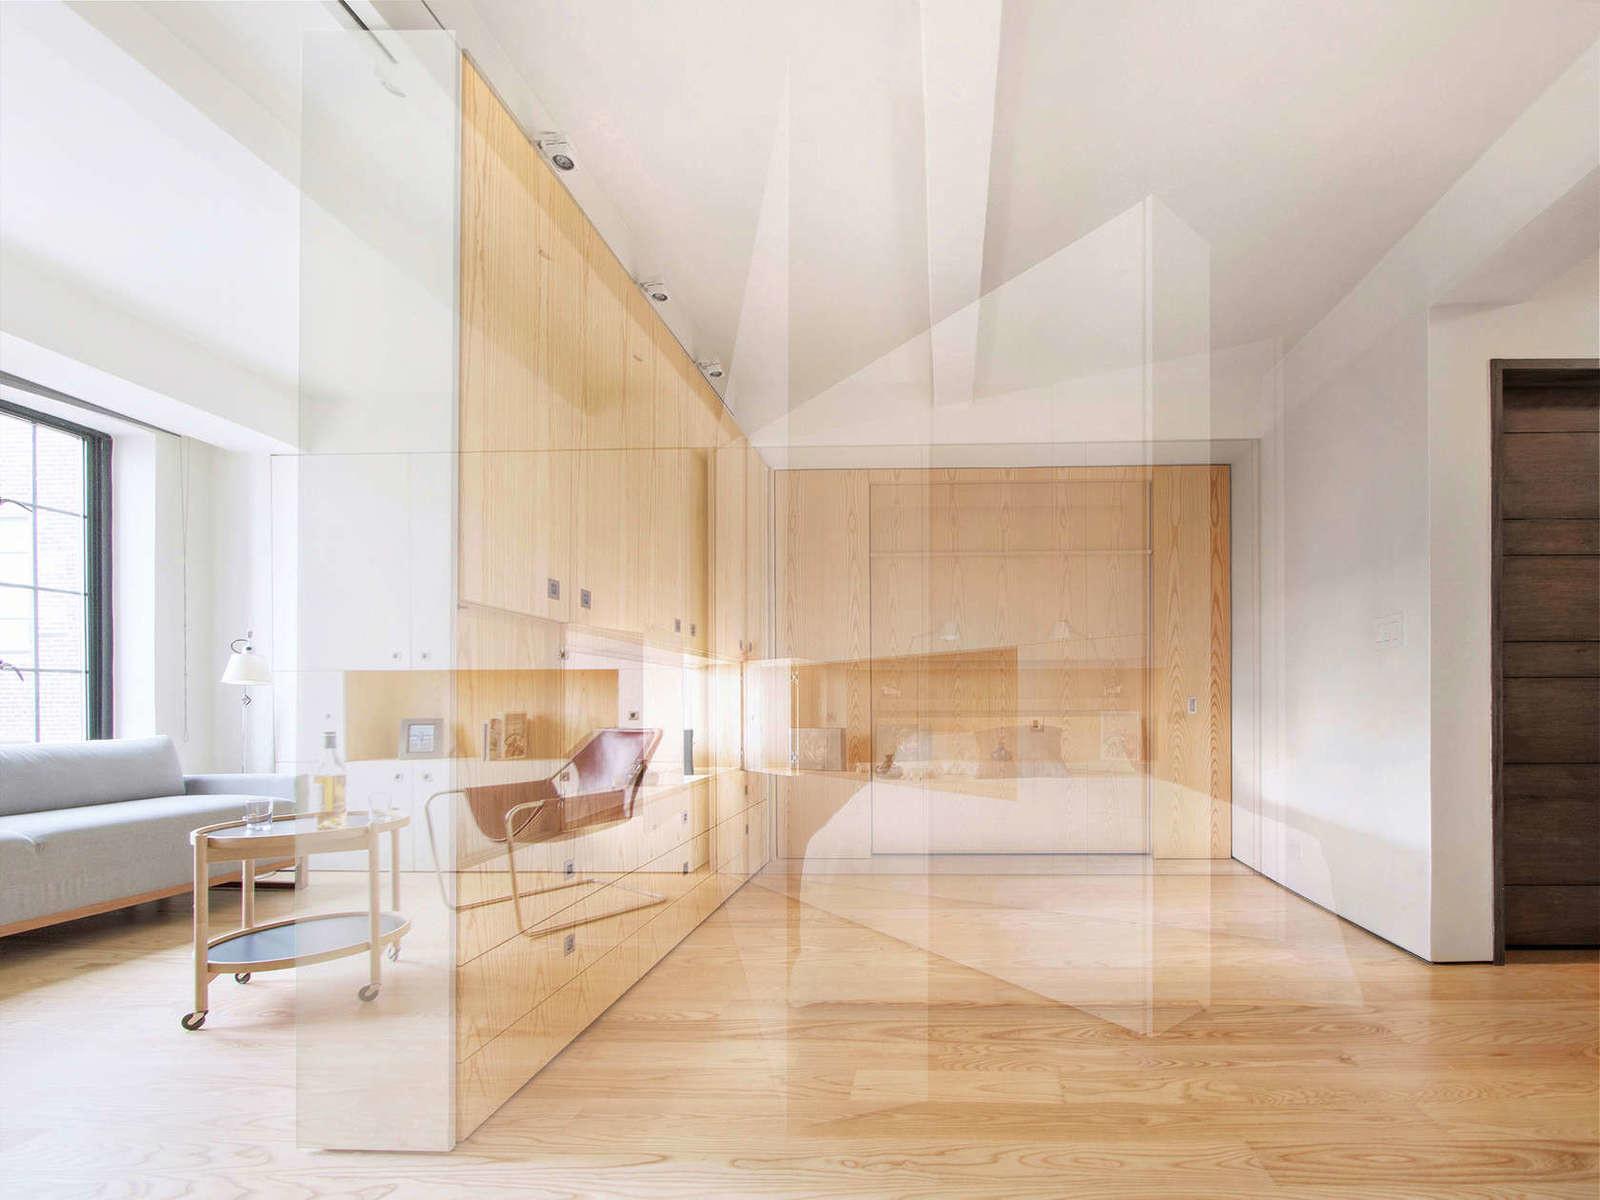 nestandarten-i-izkliuchitelno-funktsionalen-malak-apartament-37-m-6g